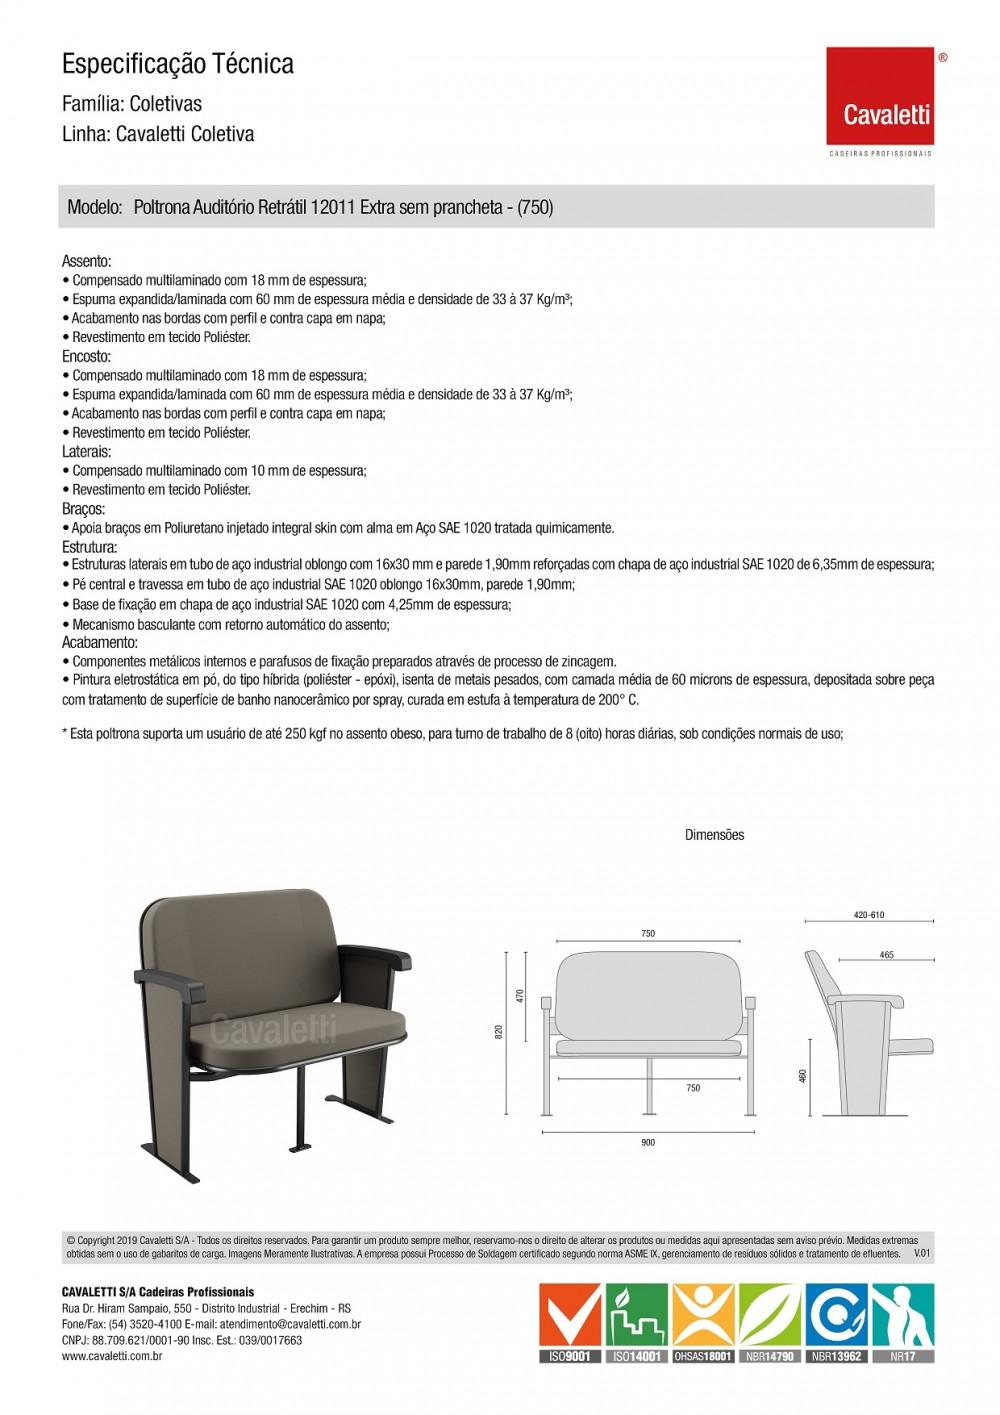 Poltrona Auditório12011 Extra (250 Kg) Retrátil -  Linha Coletiva - Cavaletti -